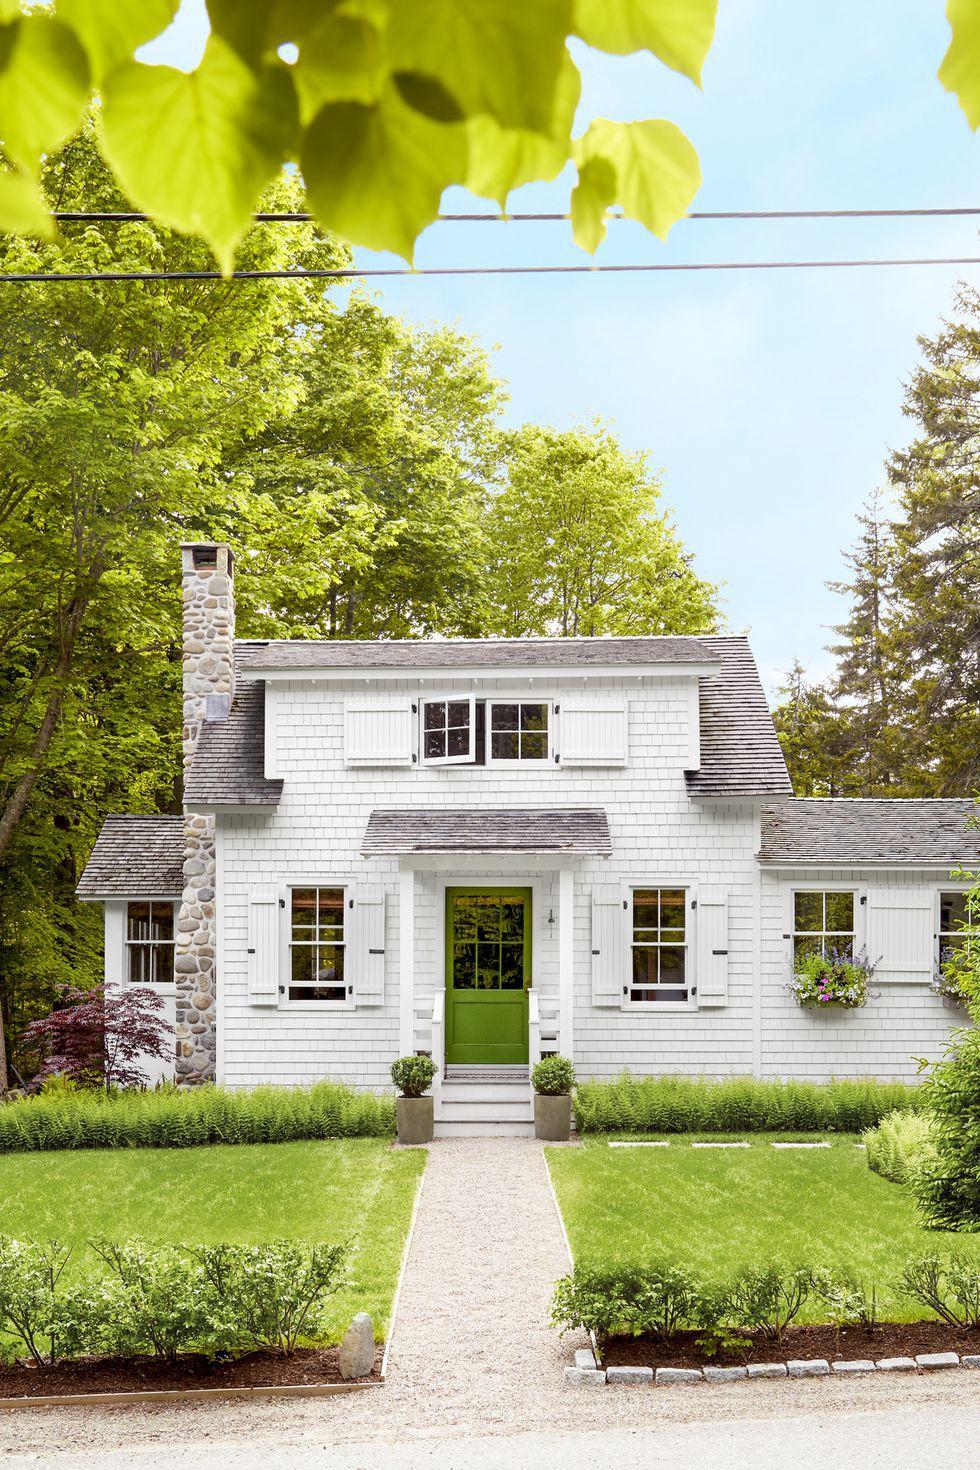 Góc ghen tị: Ngôi nhà đồng quê của cặp vợ chồng trẻ ở nông thôn vừa to vừa đẹp, cây cối tươi tốt bao phủ quanh năm - Ảnh 1.